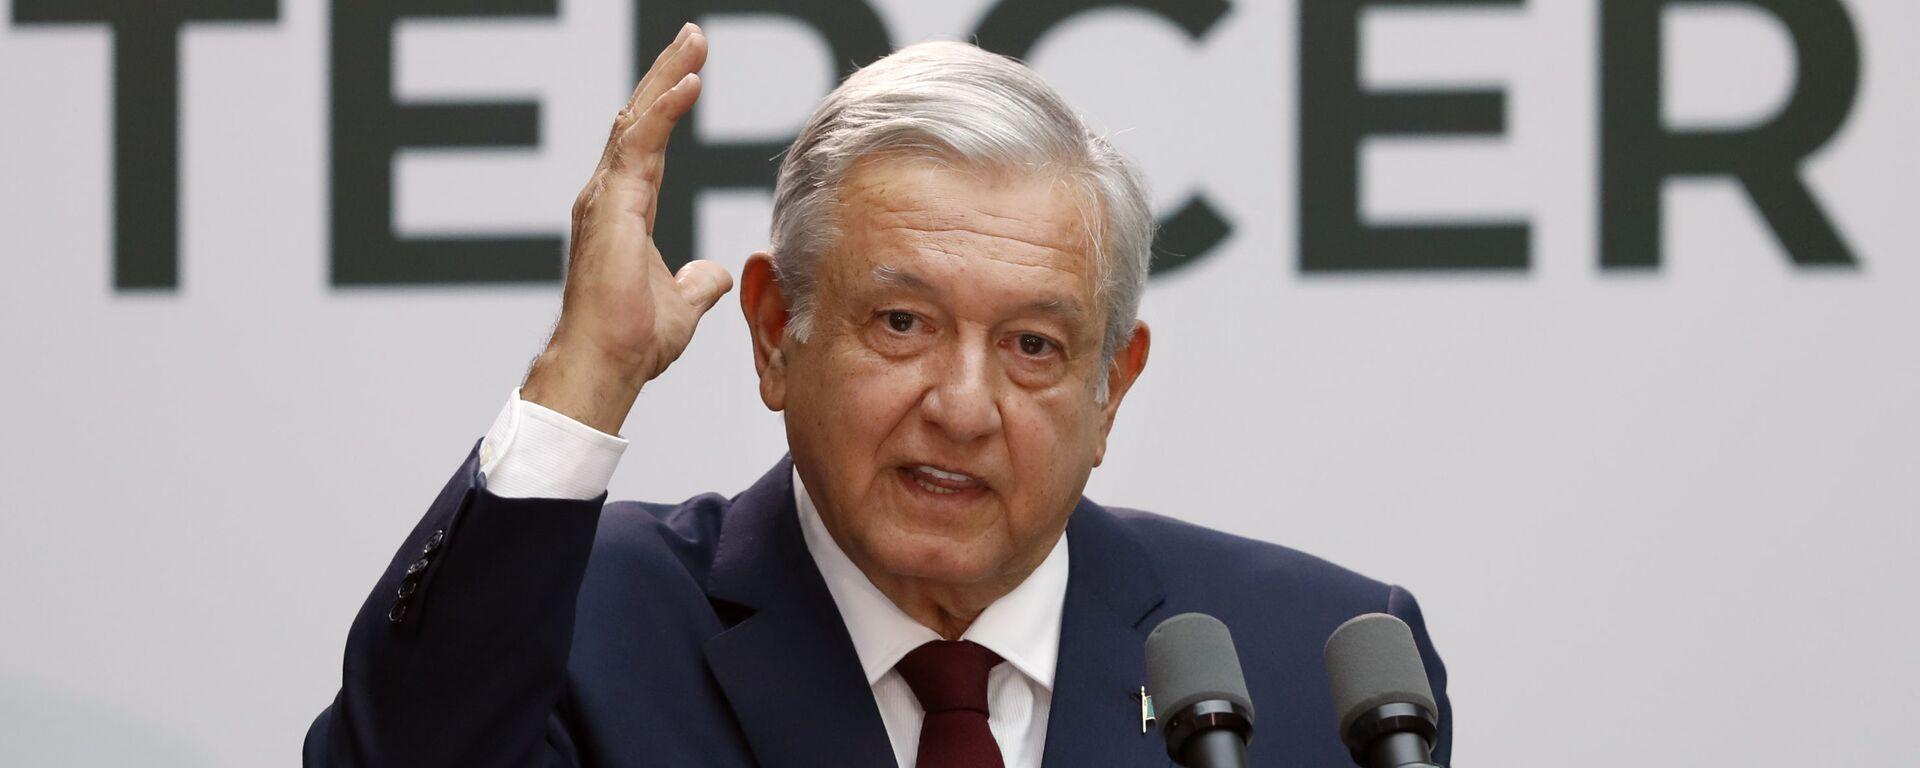 Andrés Manuel López Obrado, presidente mexicano - Sputnik Mundo, 1920, 31.05.2021